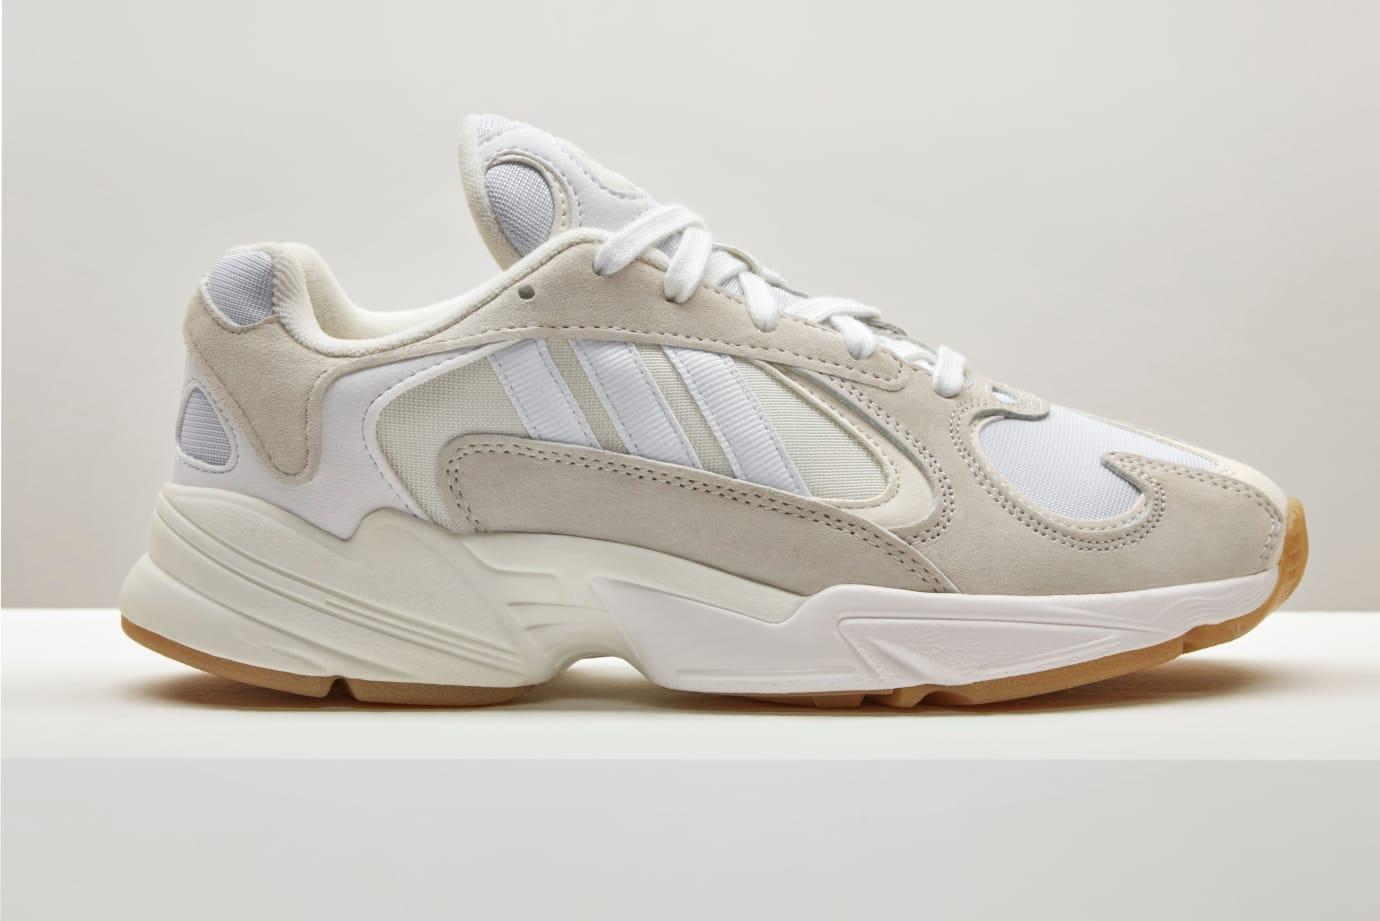 Wardrobe.NYC x Adidas Yung-1 (Lateral)